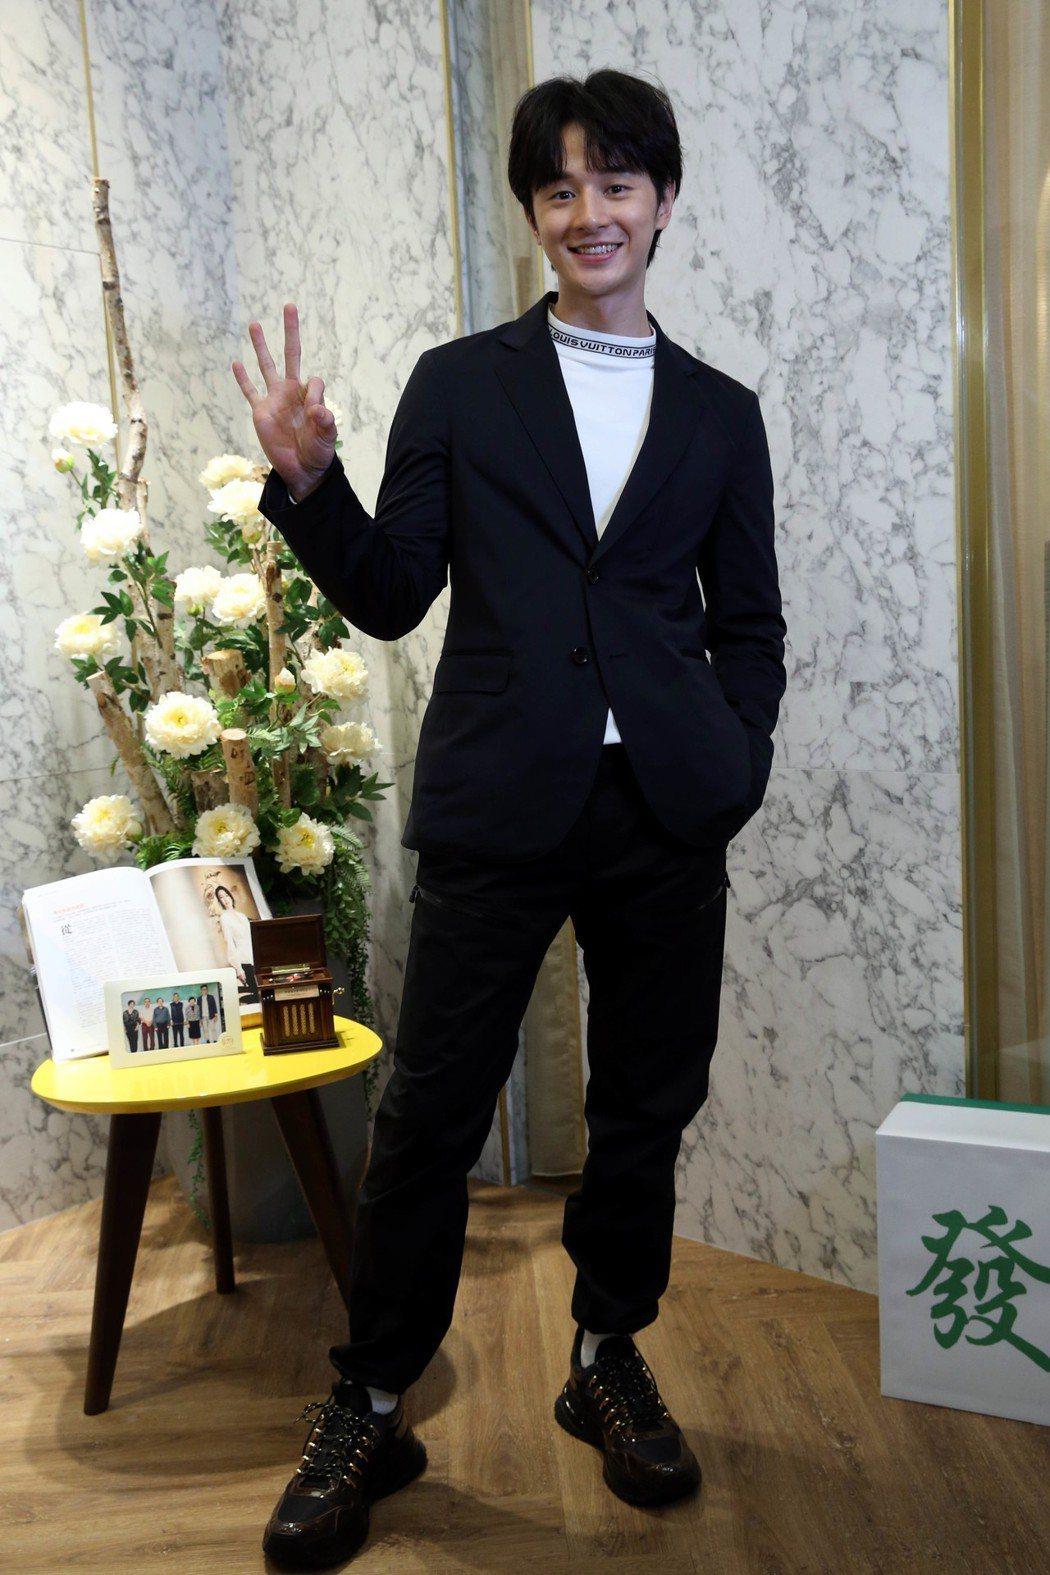 賀歲片「大三元」主角張軒睿專訪 。記者林俊良/攝影